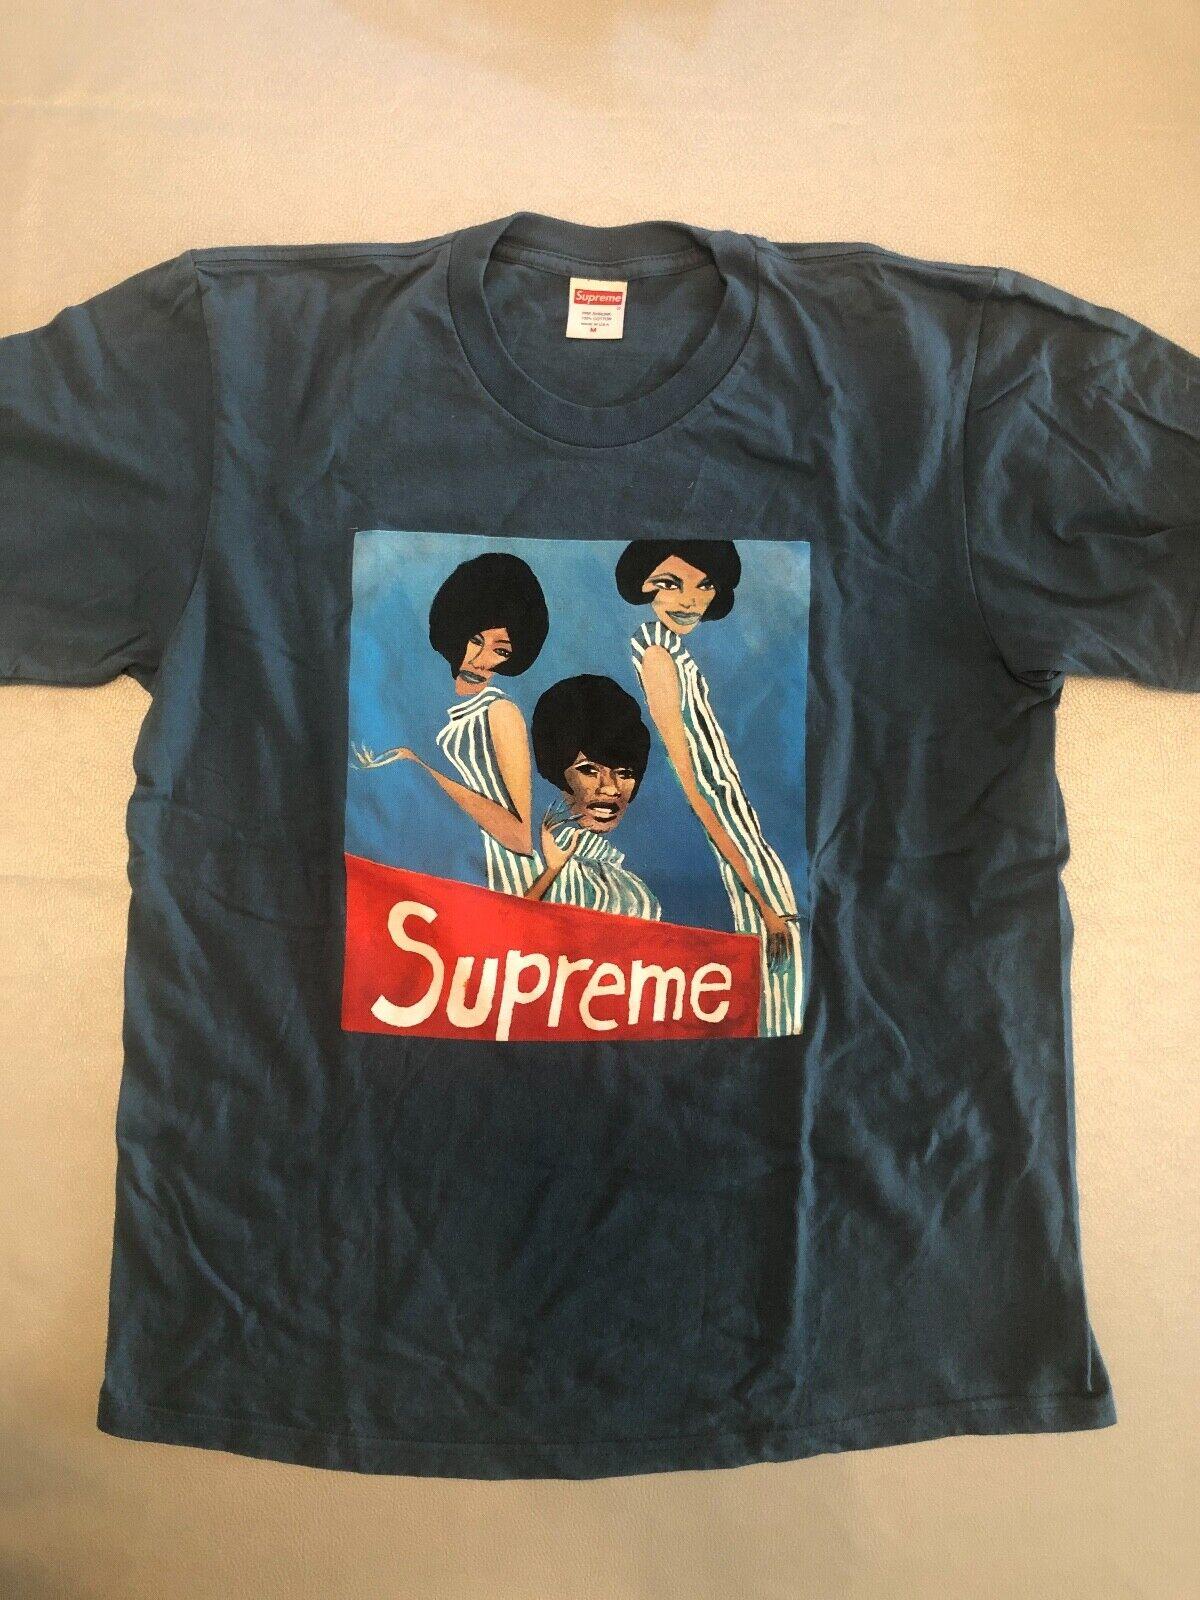 Supreme t-shirt taille m, porté 1 fois !